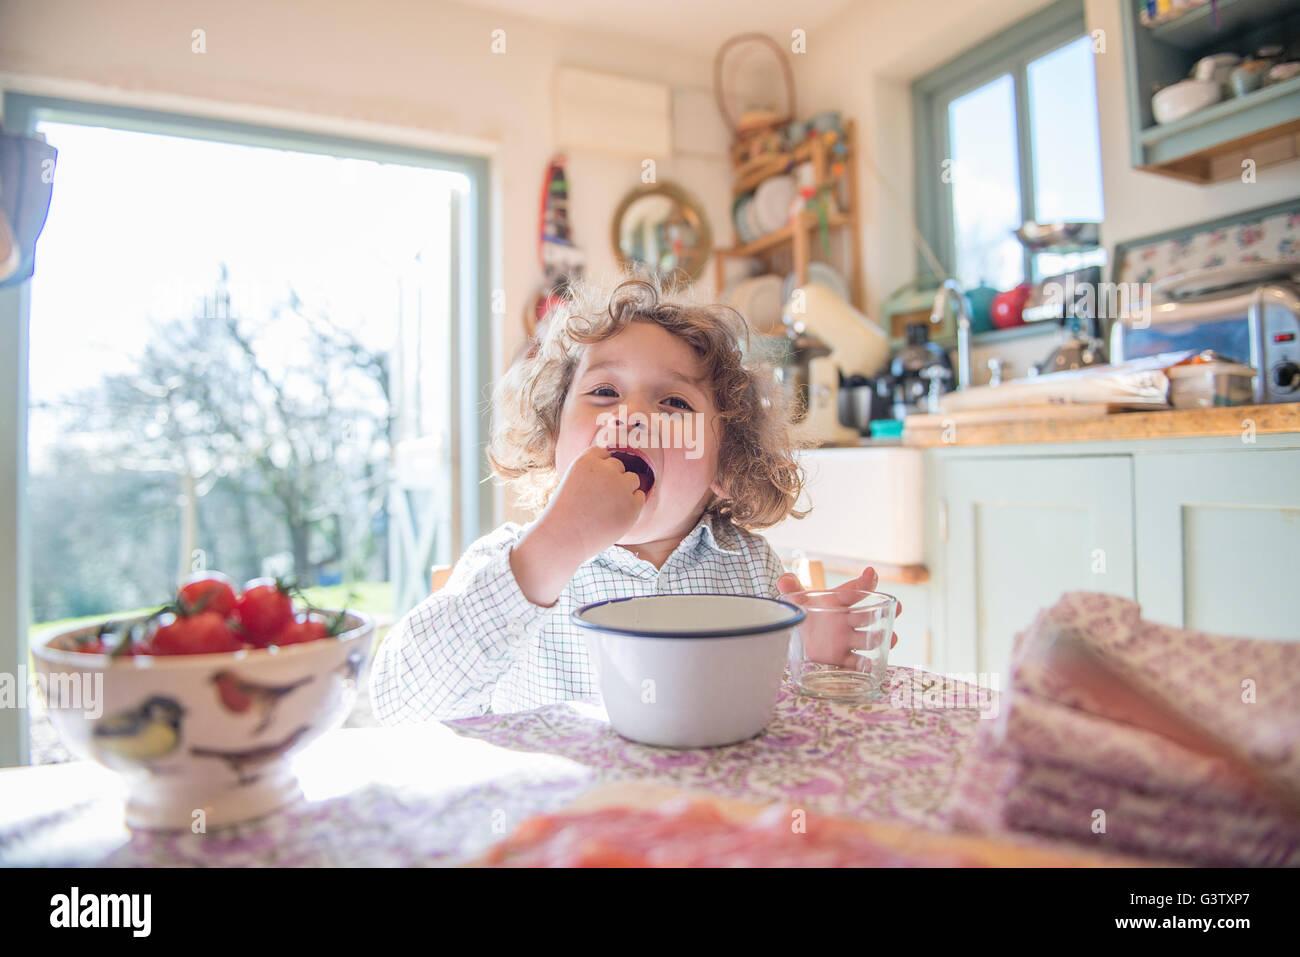 Un niño de cuatro años de edad sentado en una mesa comiendo su almuerzo. Foto de stock